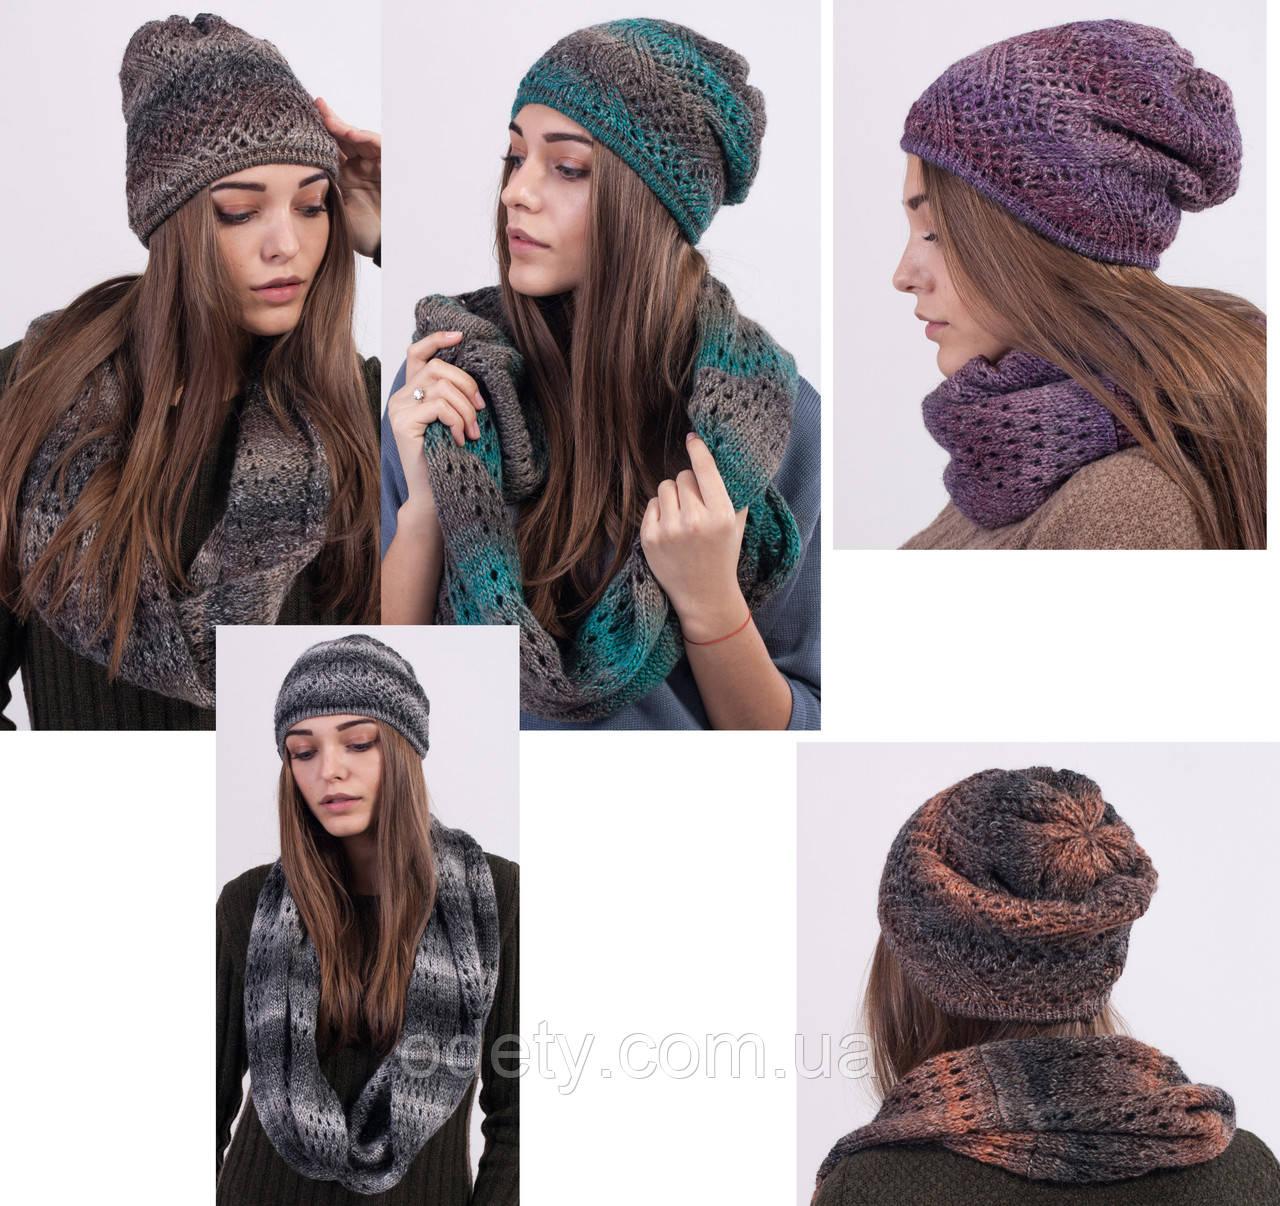 c5cdae298e9f Женский комплект шапка + снуд. Шапка и снуд женские вязаные. Вязаный  комплект ...